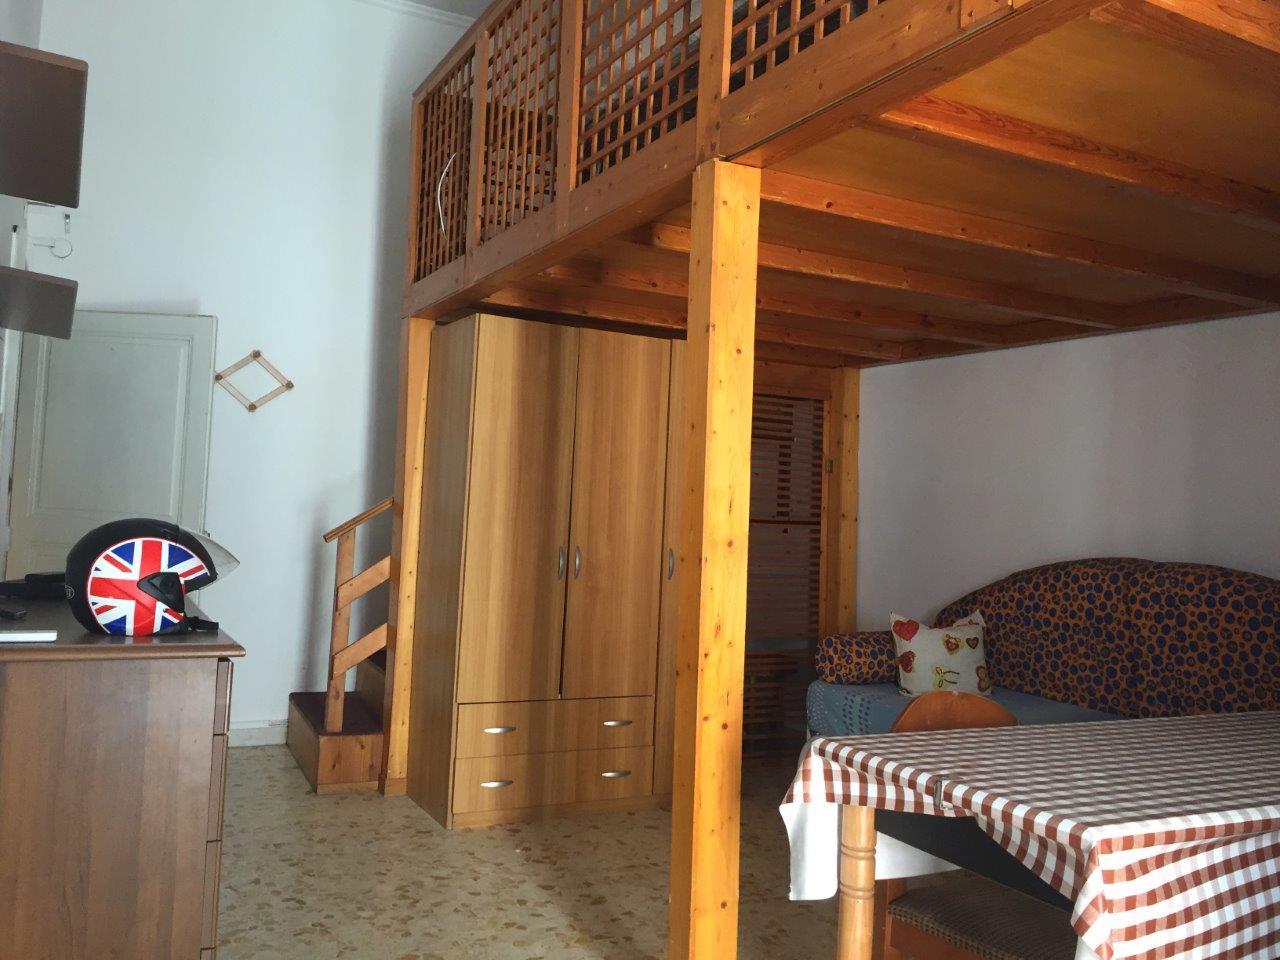 Appartamento in affitto a Gaeta, 1 locali, zona Località: ViaIndipendeza, prezzo € 400 | CambioCasa.it